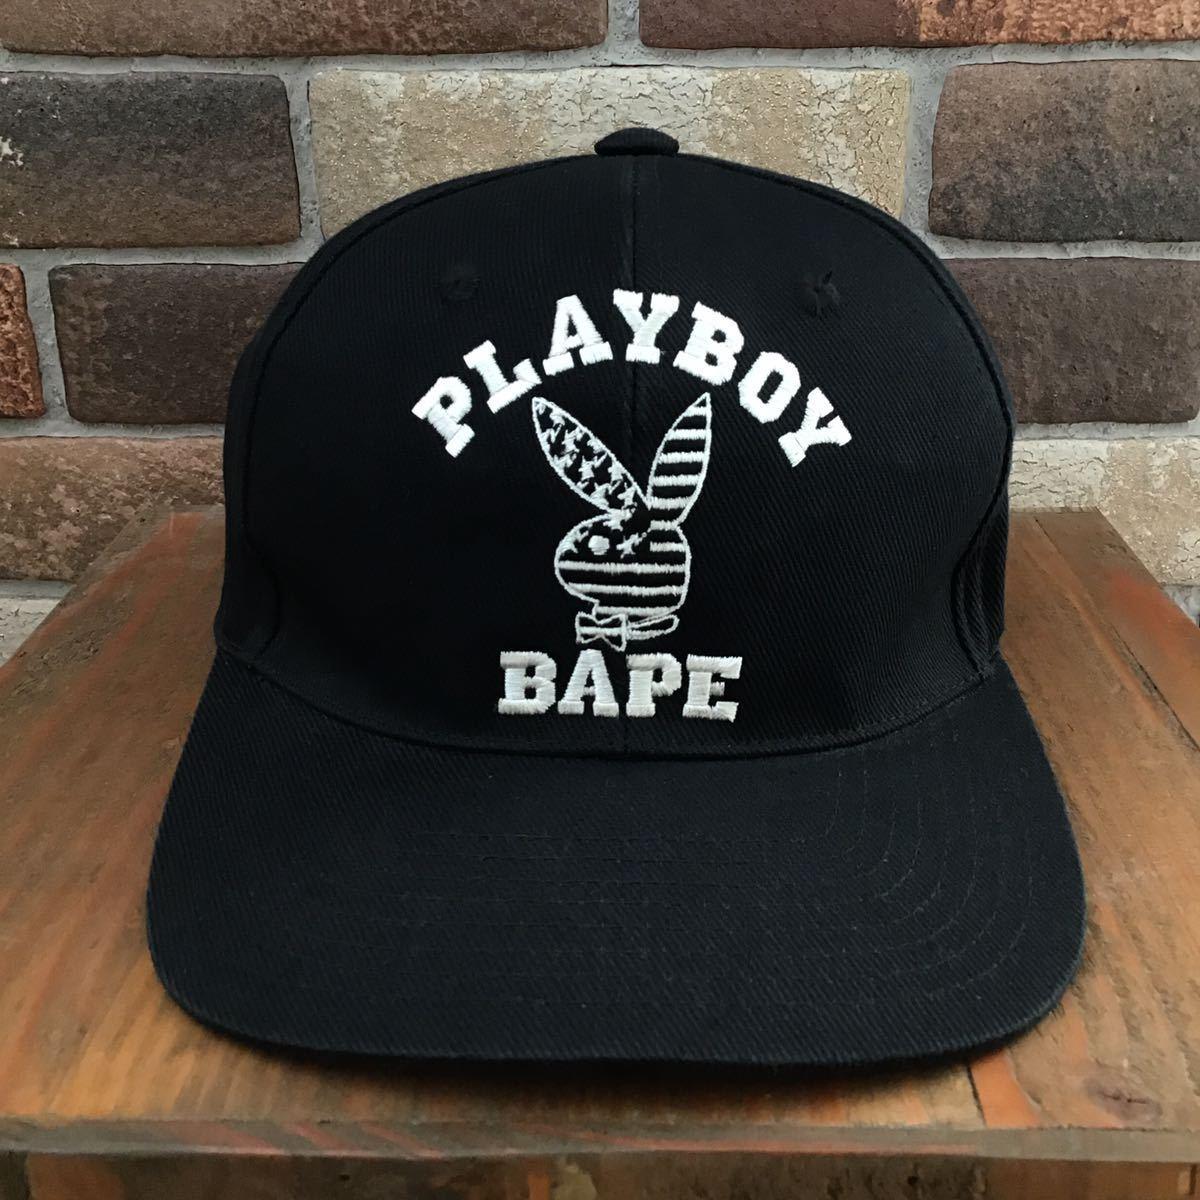 ★激レア★ PLAYBOY × BAPE キャップ a bathing ape プレイボーイ trucker hat cap エイプ ベイプ アベイシングエイプ 帽子 3131